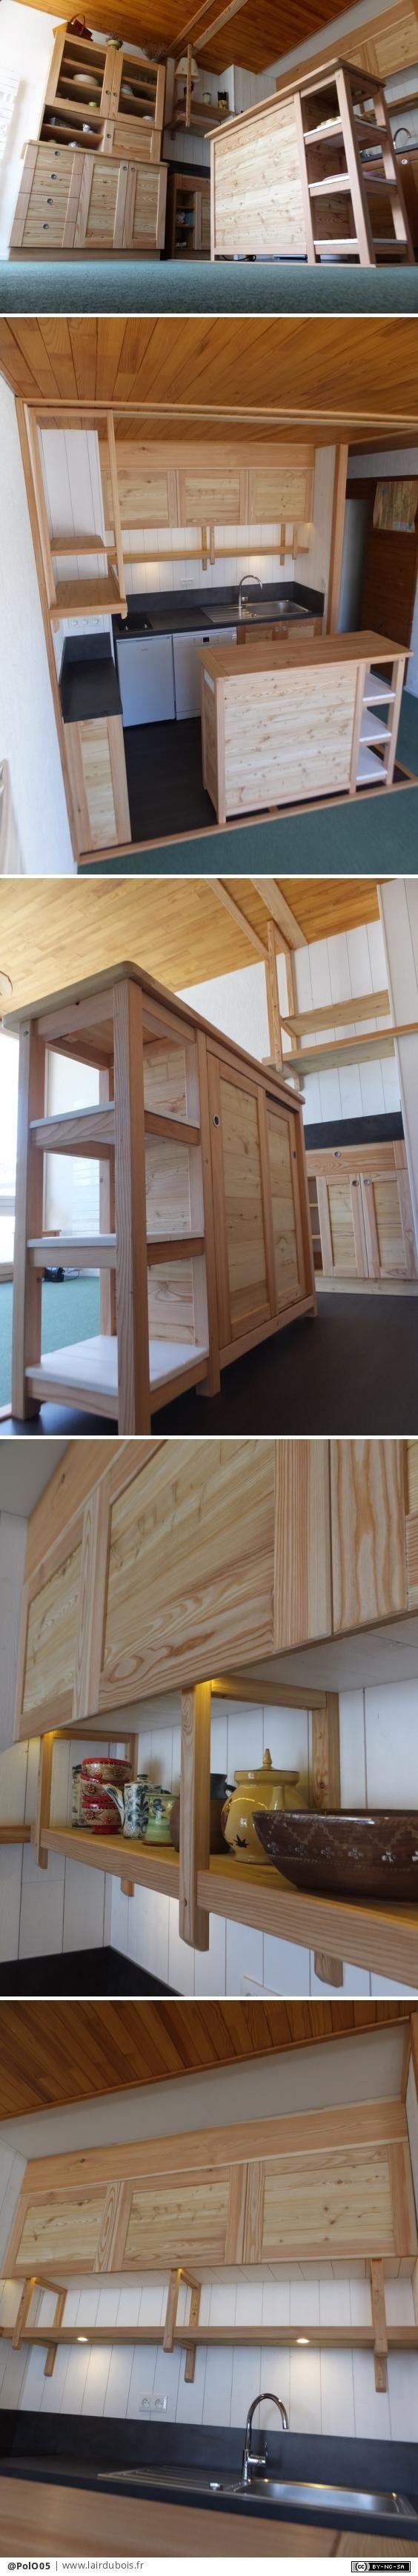 25 beste idee n over milieu op pinterest behoud duurzaamheid en duurzaam leven. Black Bedroom Furniture Sets. Home Design Ideas